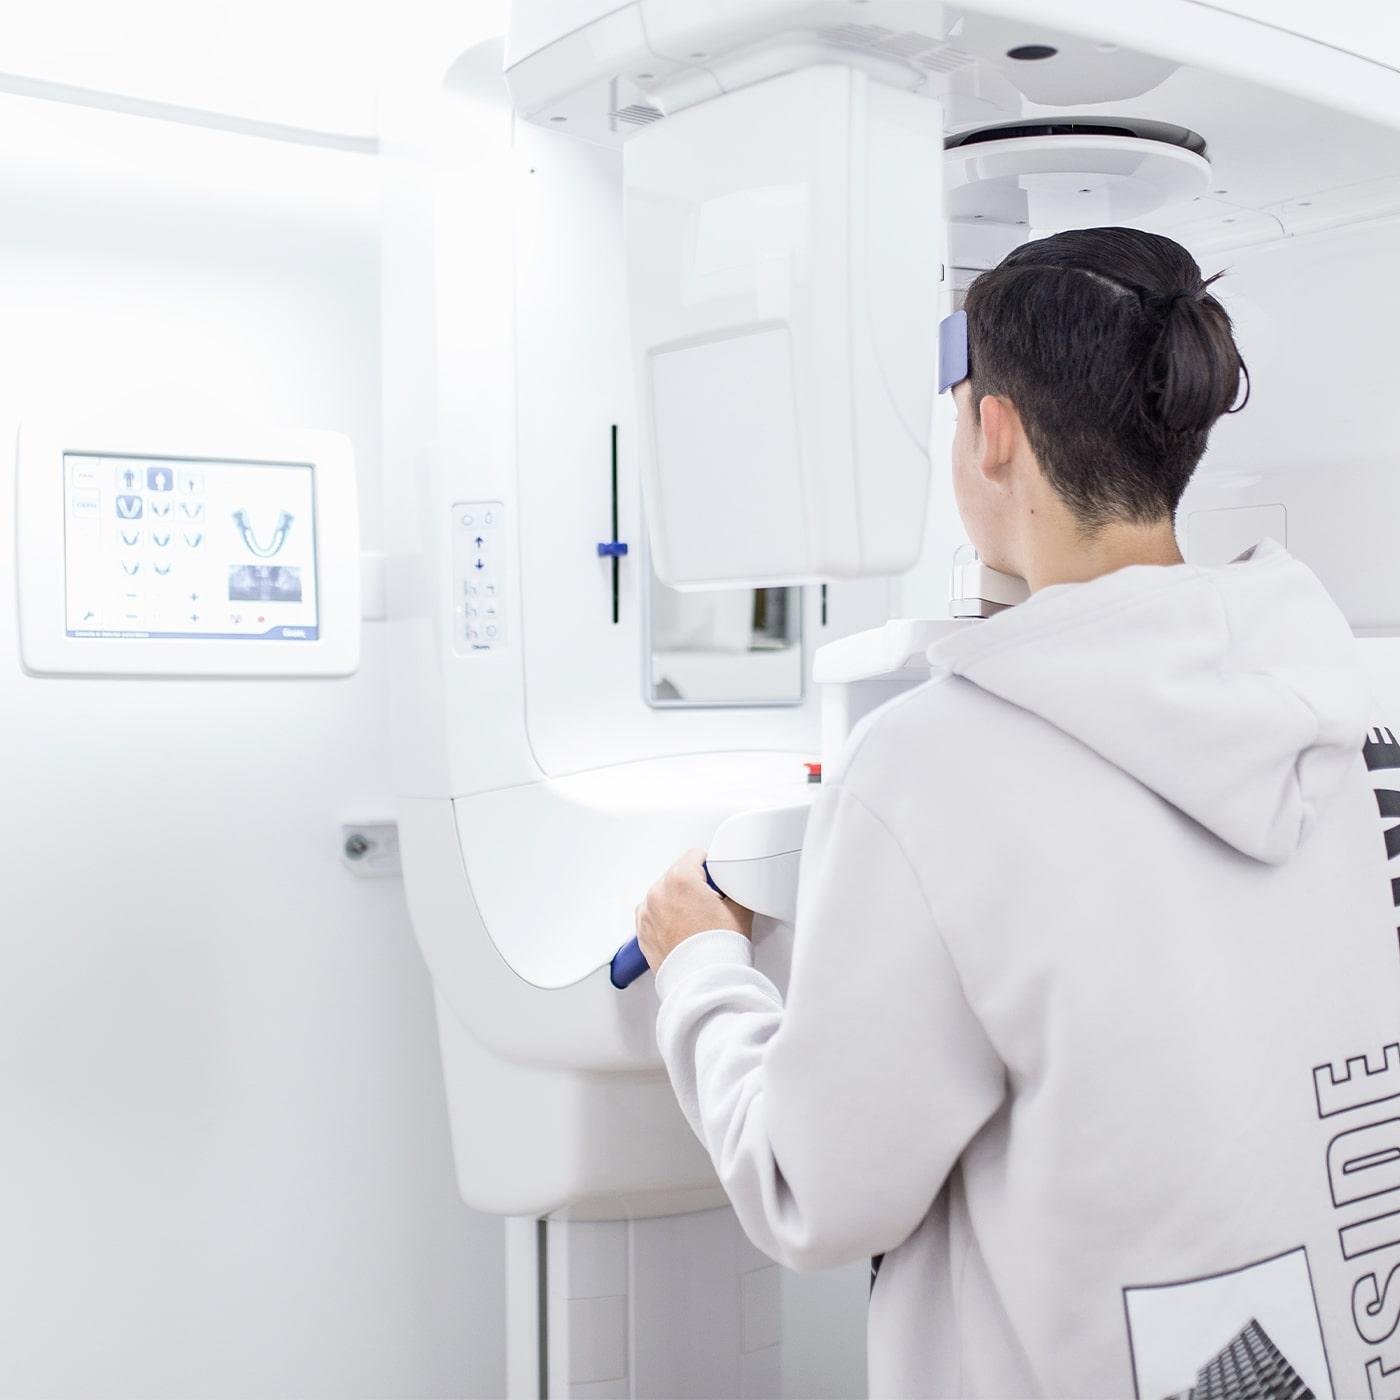 Paciente usando radiologia dental 3D